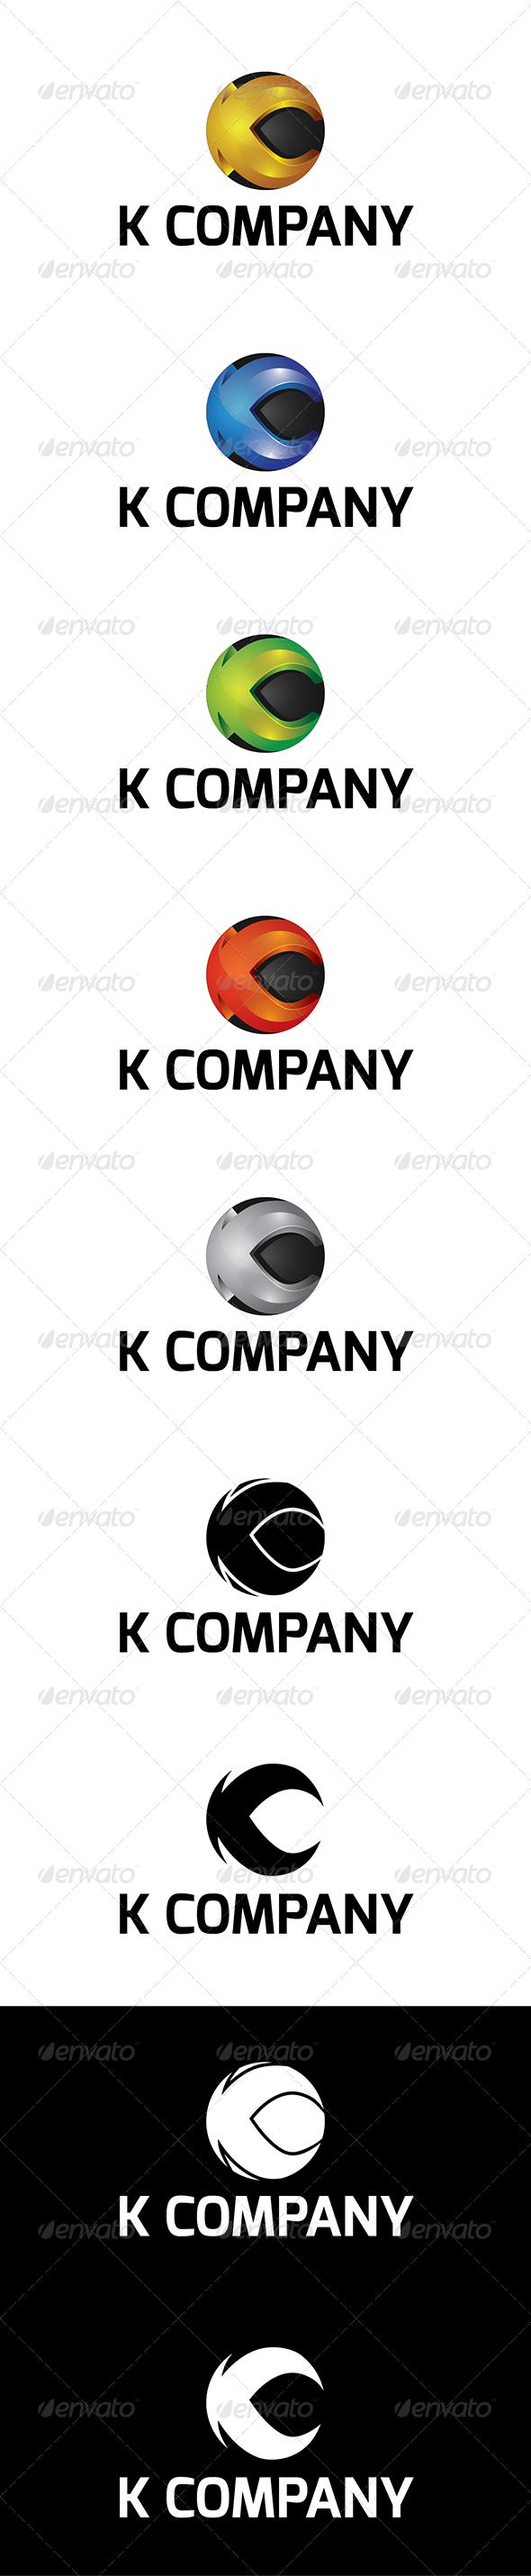 GraphicRiver K Company Logo 5967609